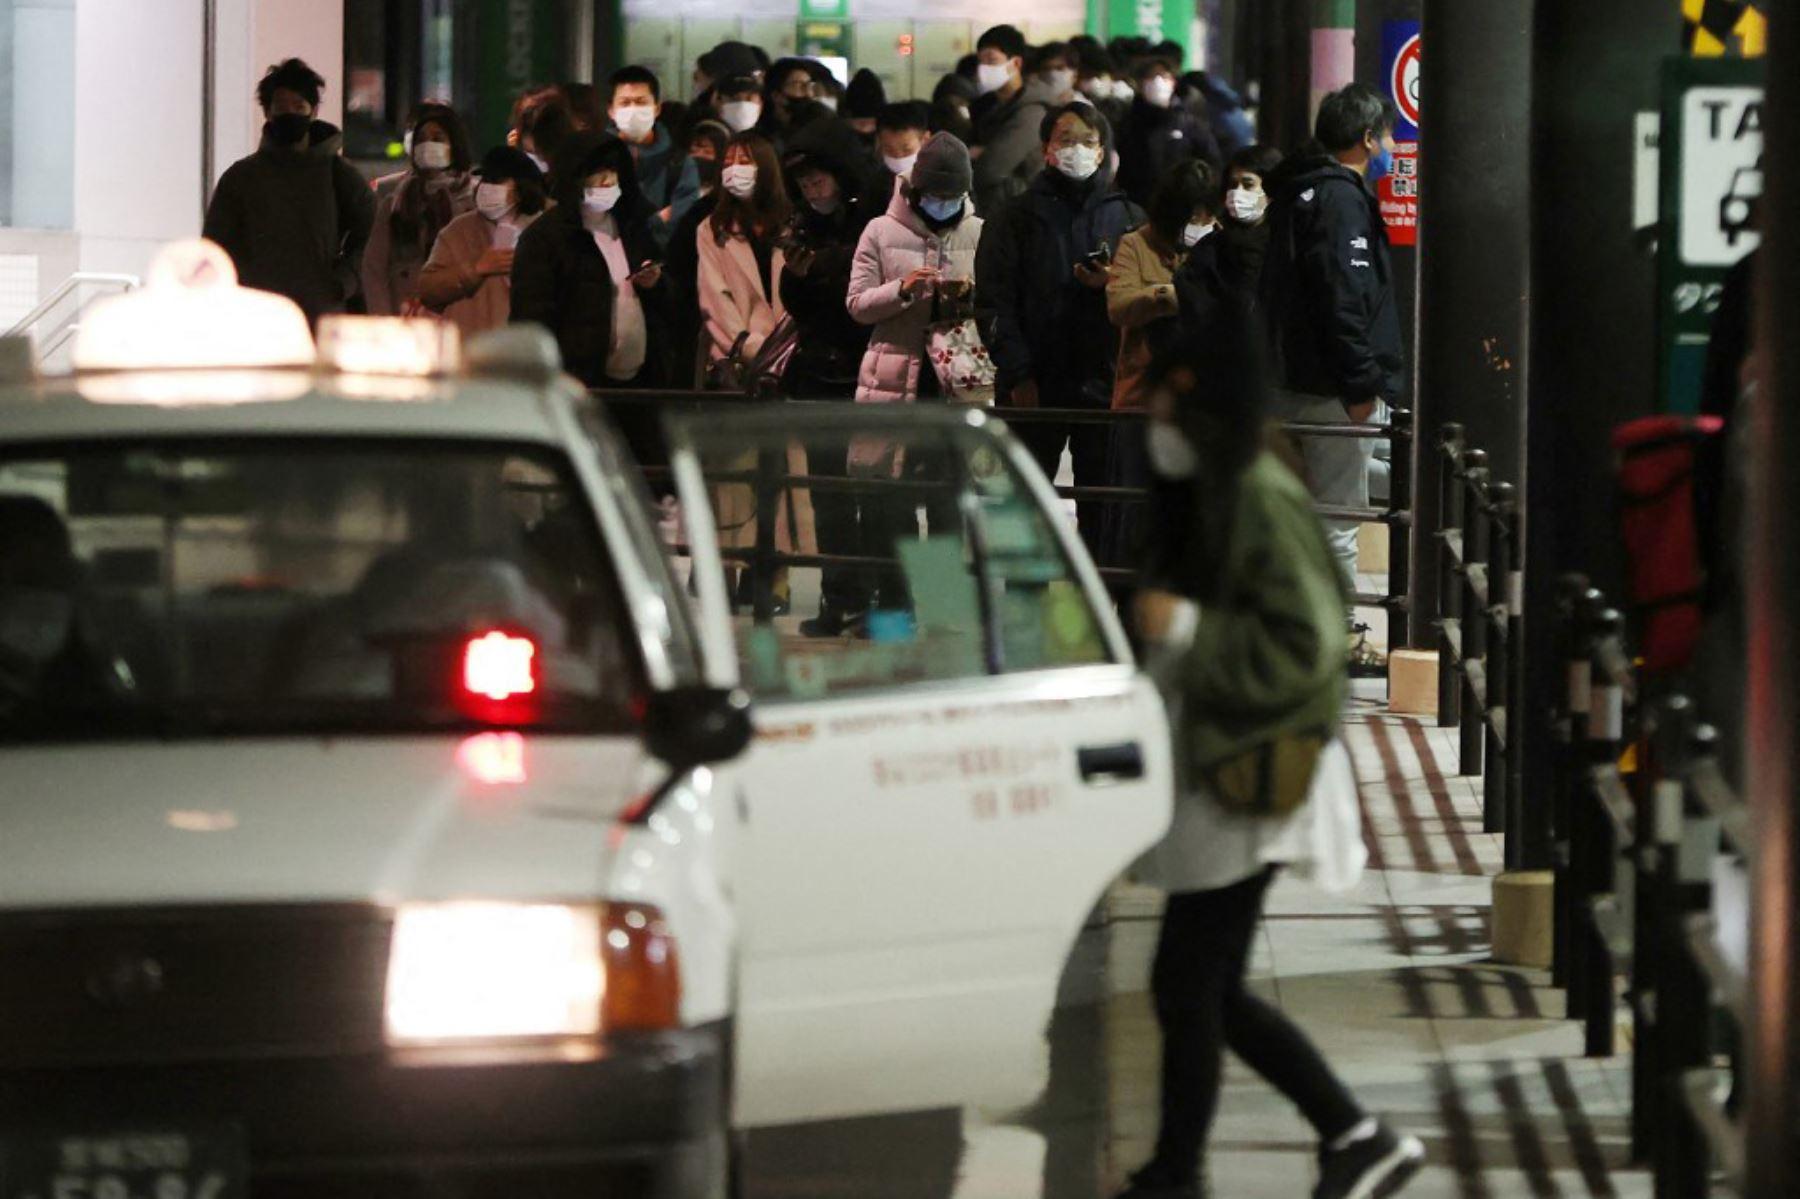 Personas esperan taxis alrededor de la estación de Sendai después del terremoto de magnitud 7.1, en Japón. Foto: AFP.